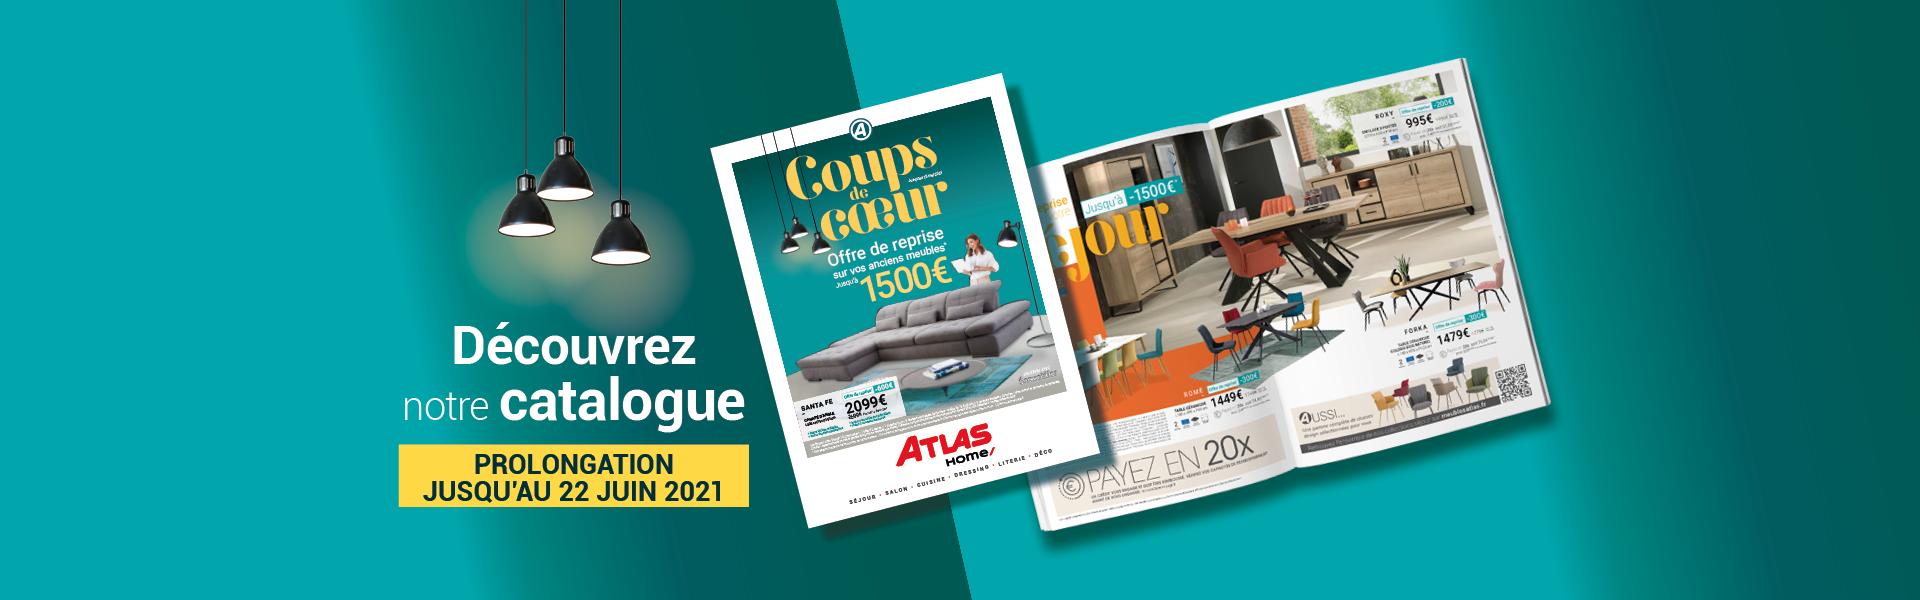 ATL113_Carroussel_PROLONGATION_COUP_DE_COEUR_1920x600_3